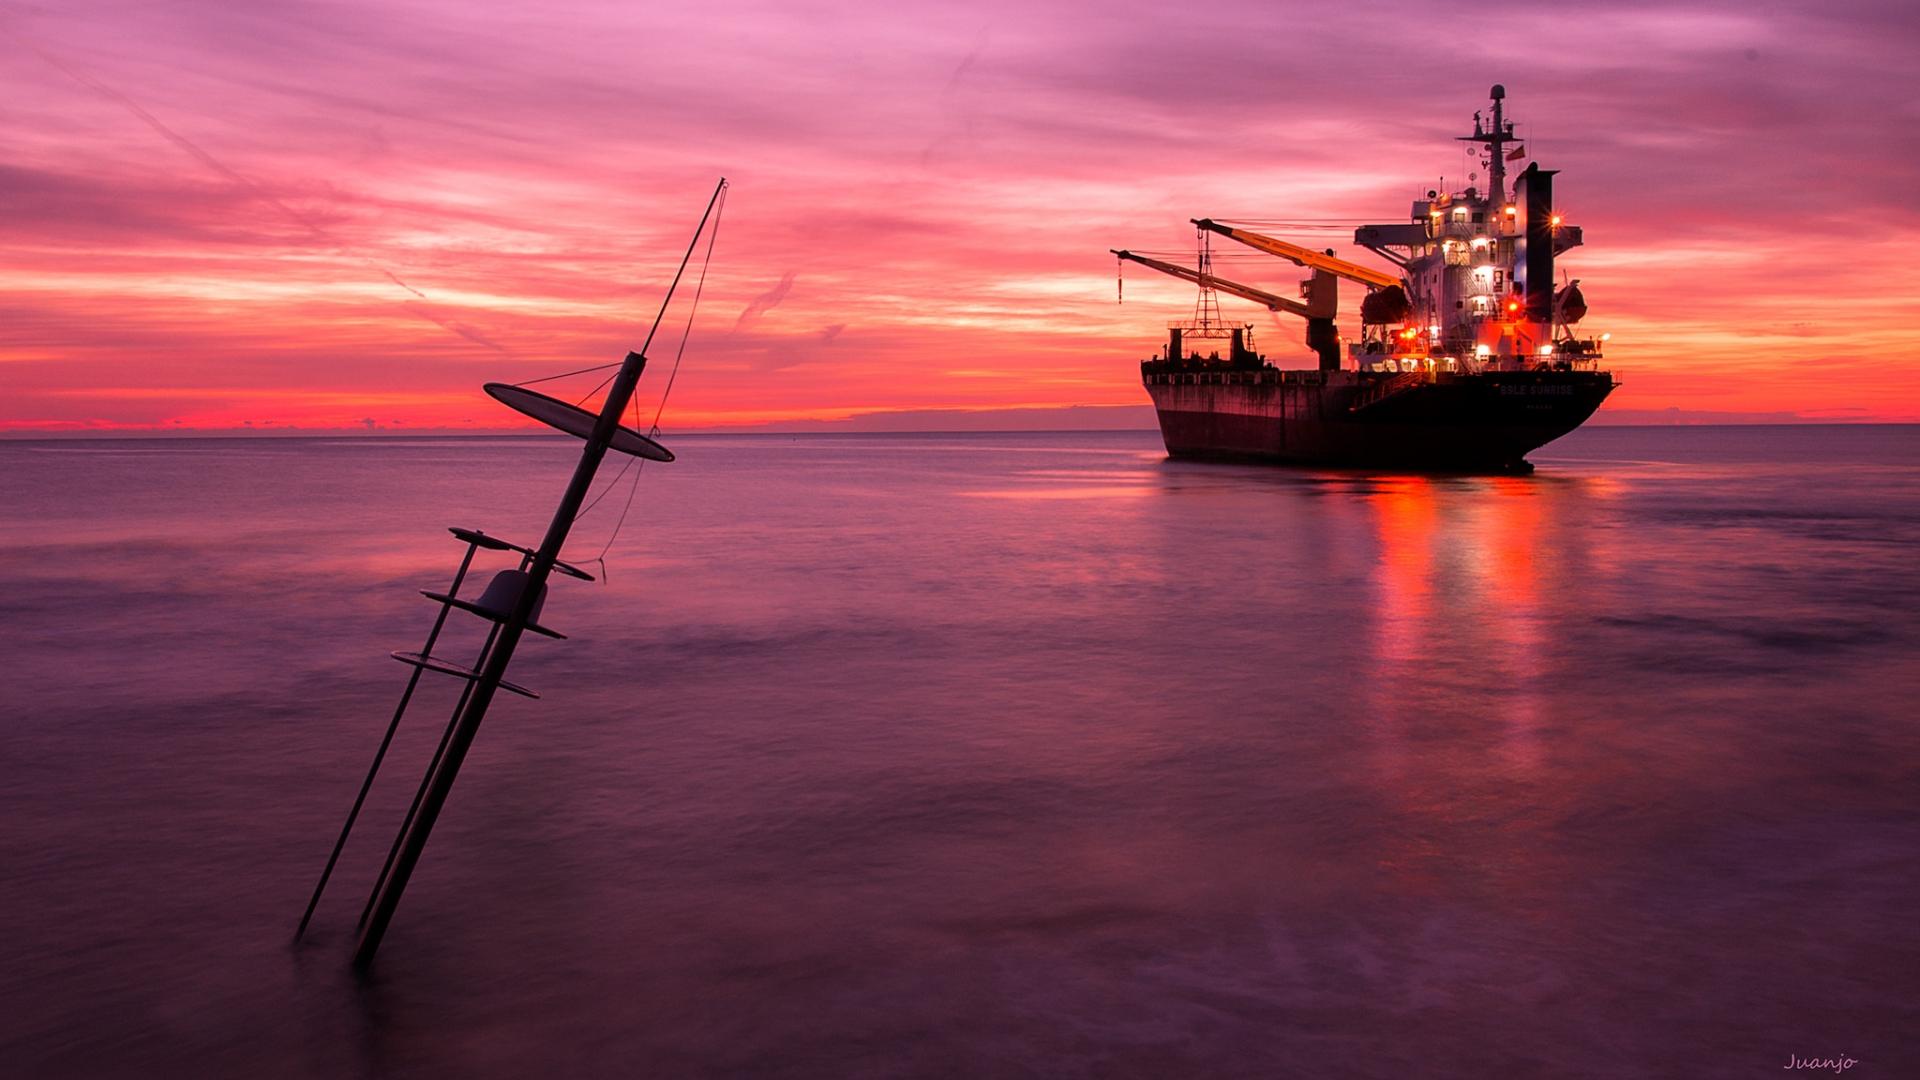 Un atardecer y un gran barco - 1920x1080